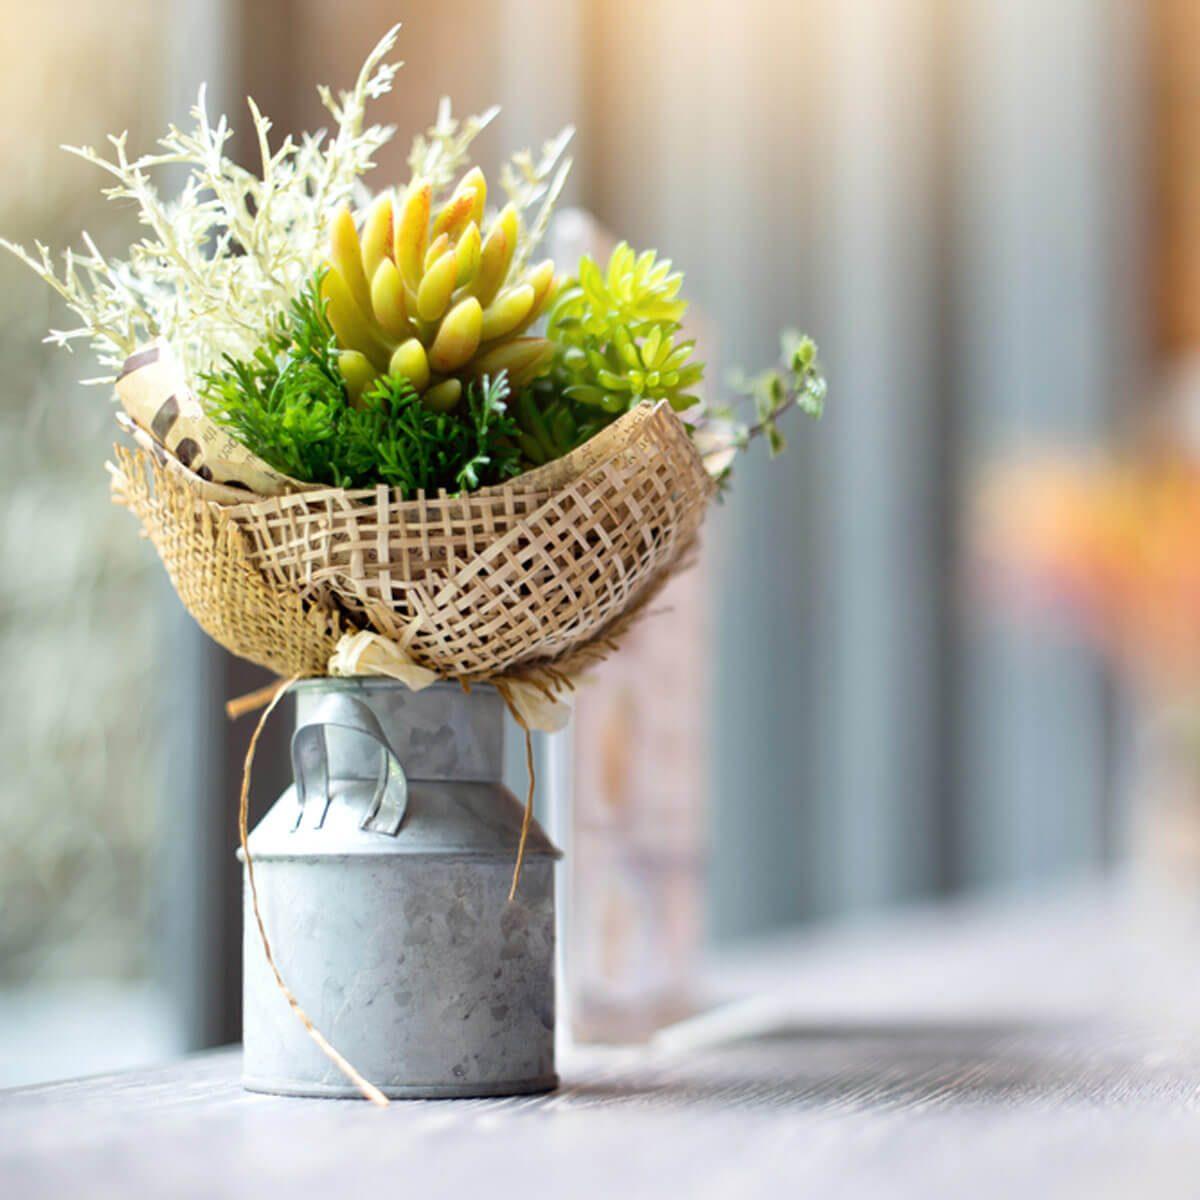 homemade flower succulent vase_728007523_24